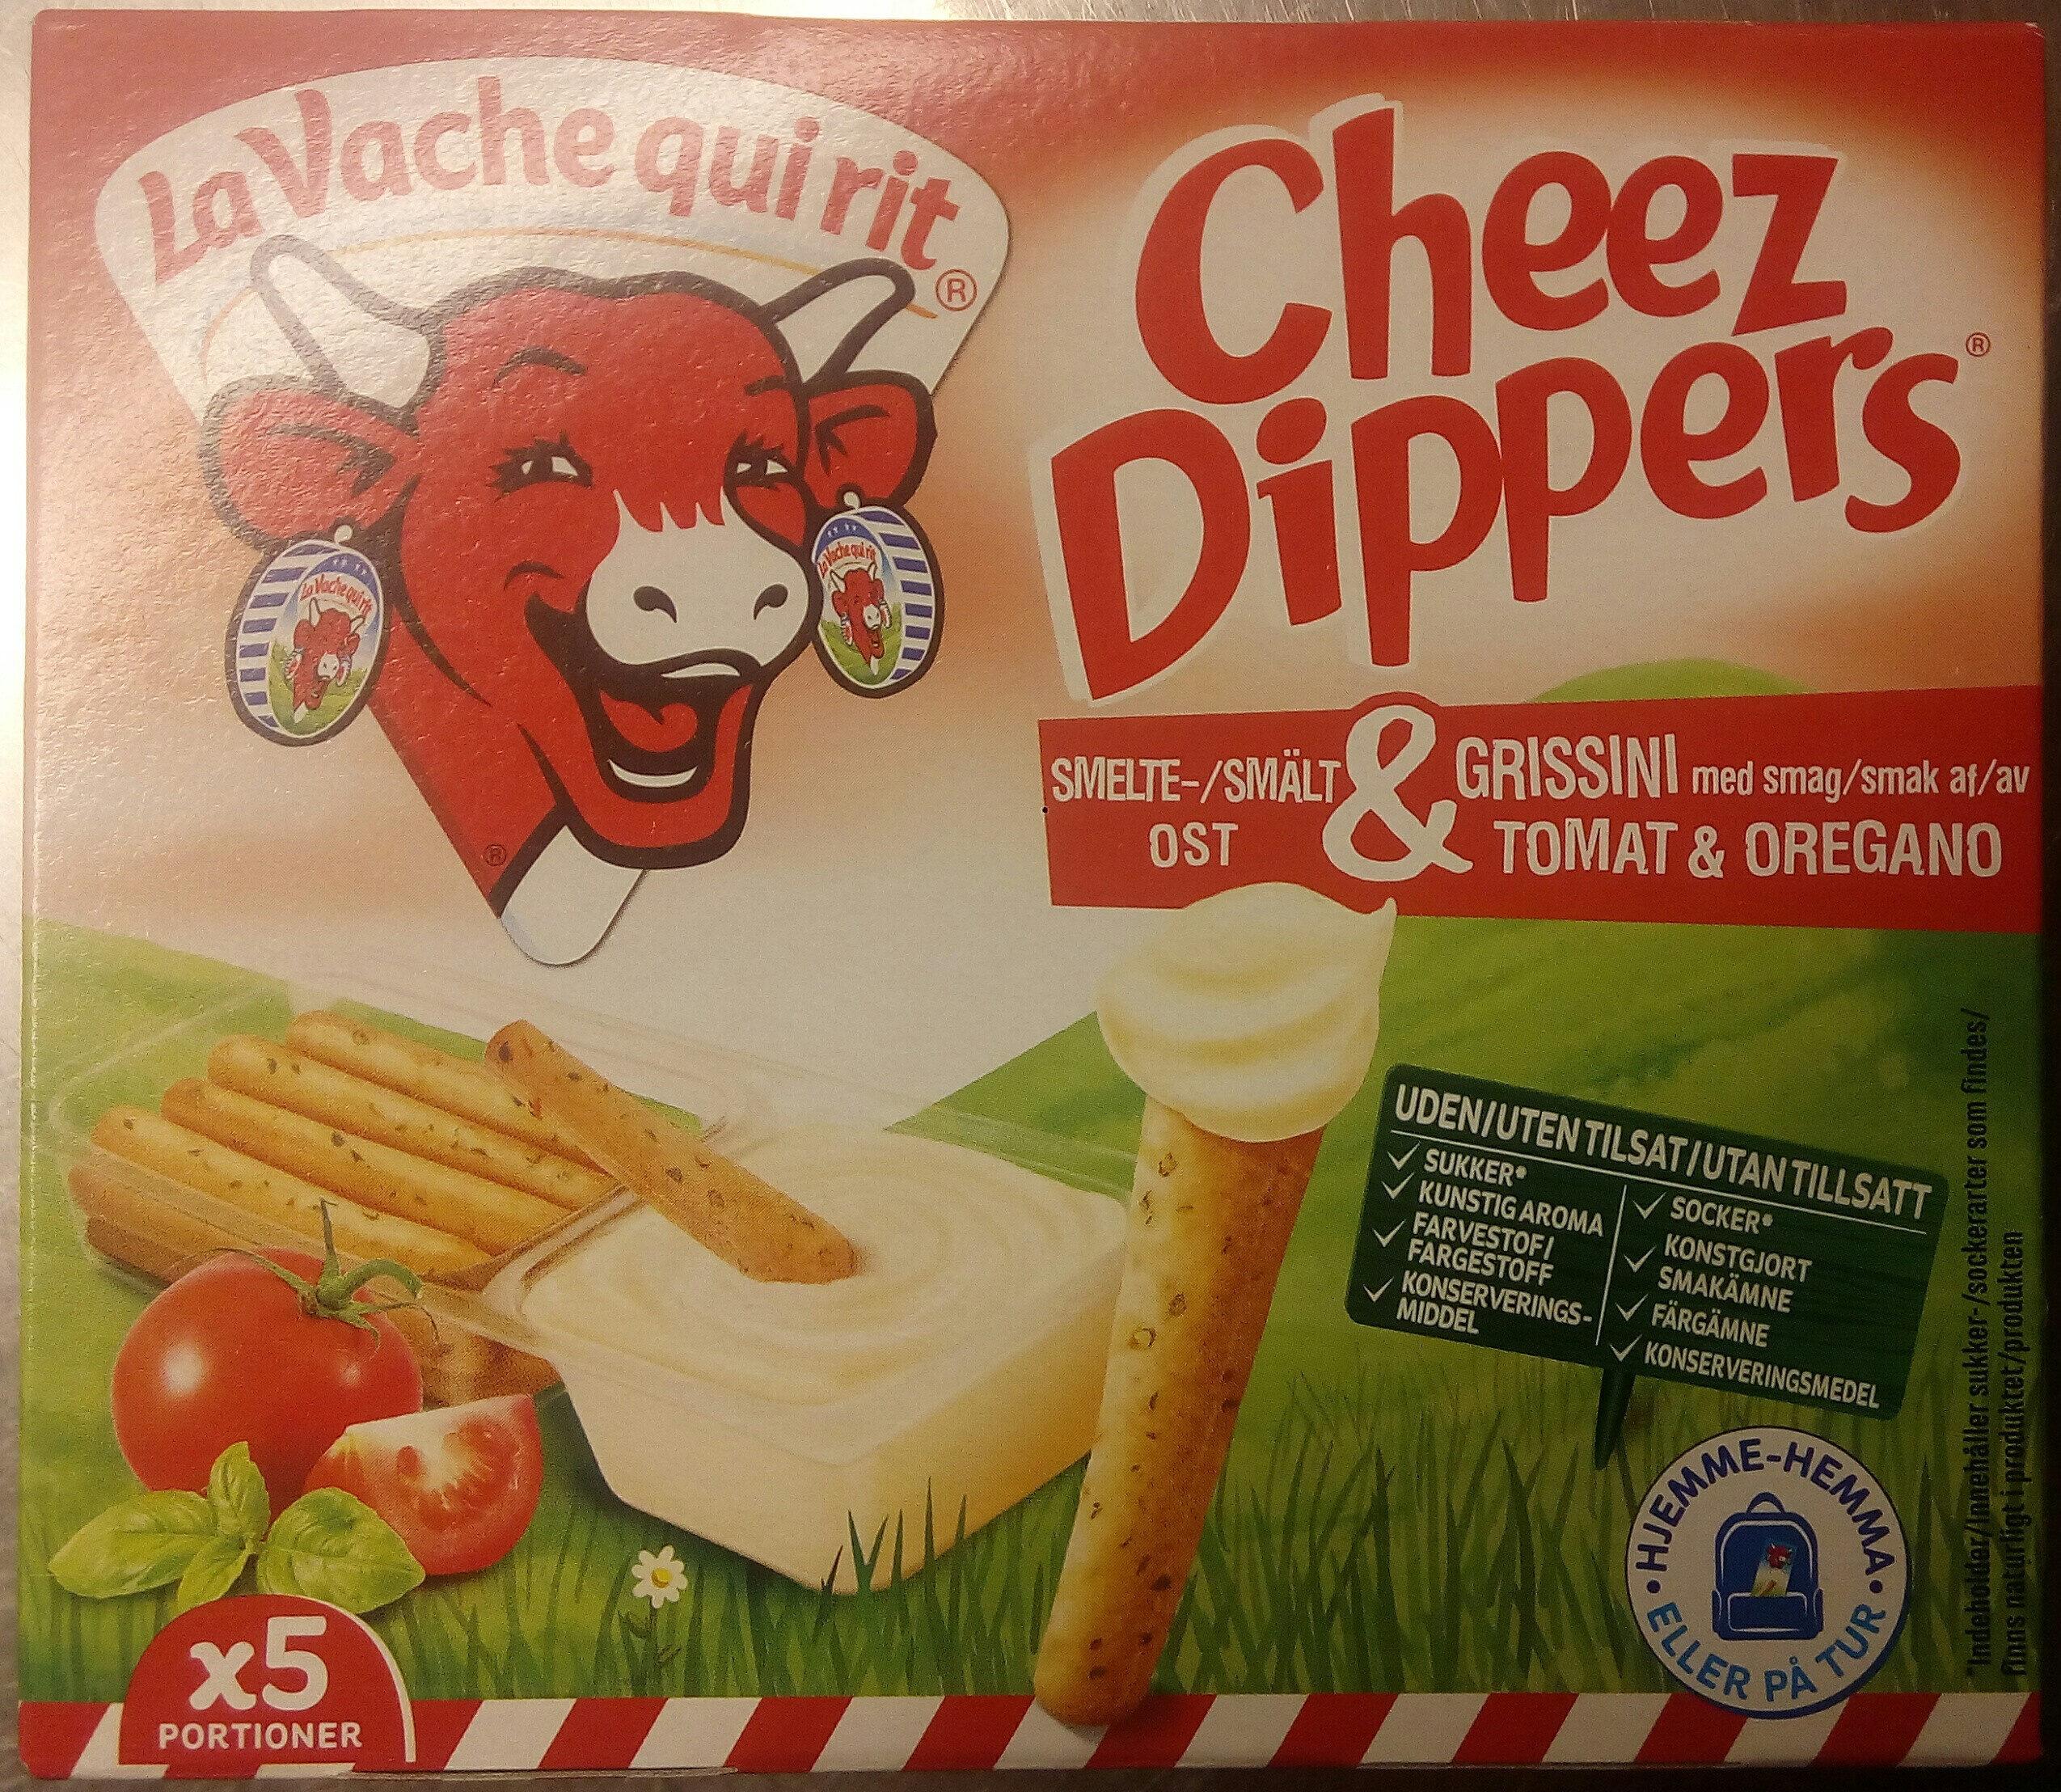 Cheez Dippers Smältost & grissini med smak av tomat & oregano - Produit - sv